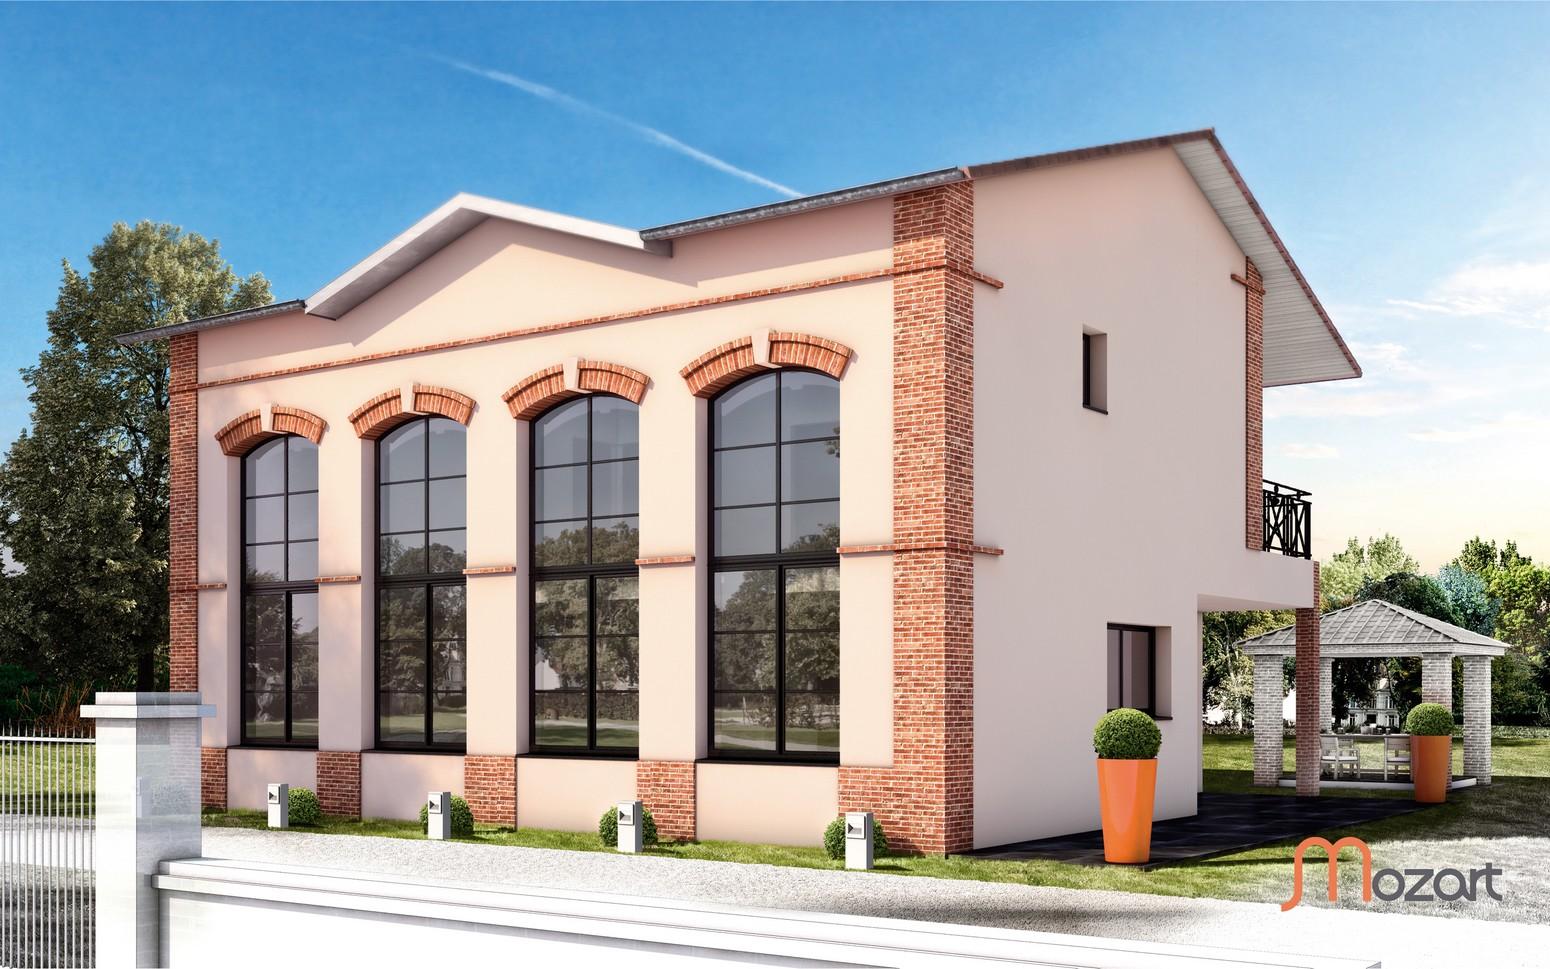 Archymade constructeur de maison individuelle kansei for Constructeur maison individuelle ales